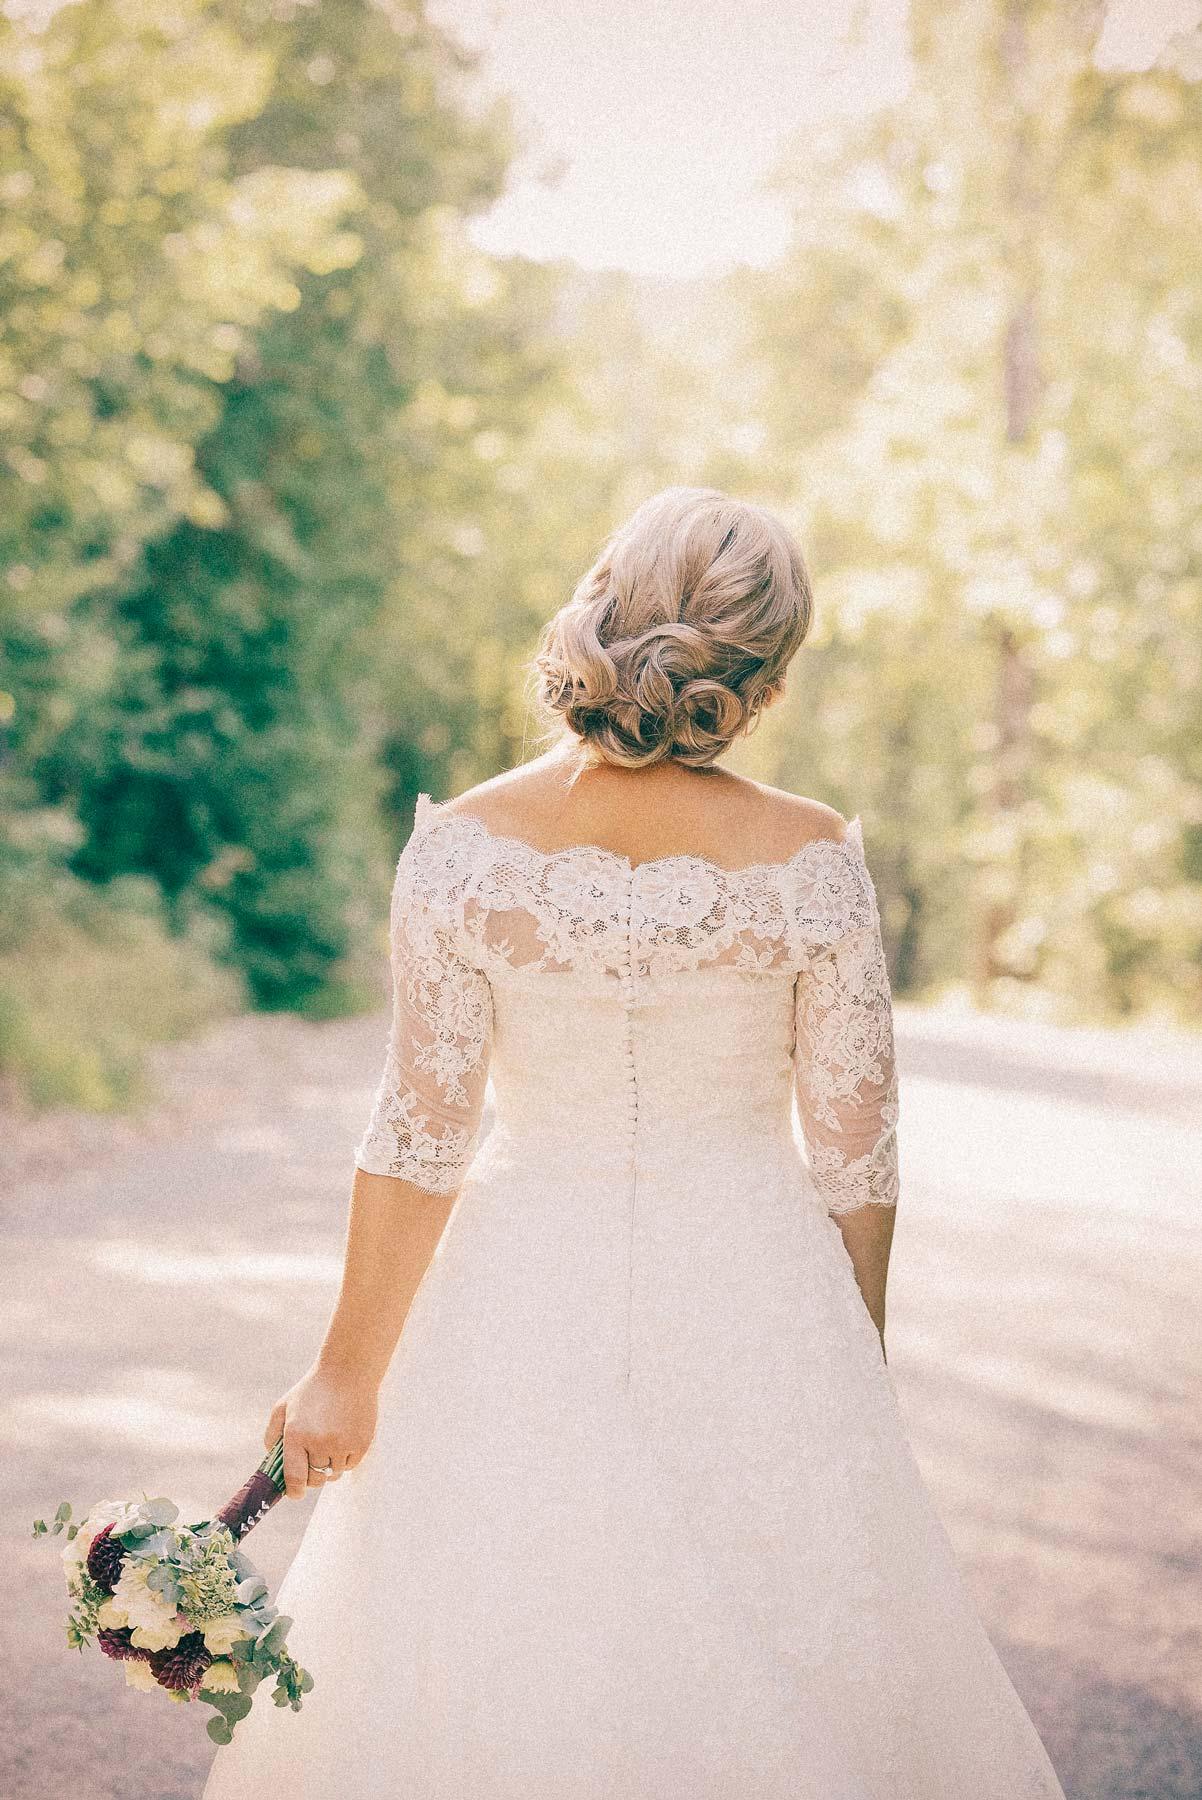 hvit brud poserer med blomster, bryllupsfotografering fra Asker